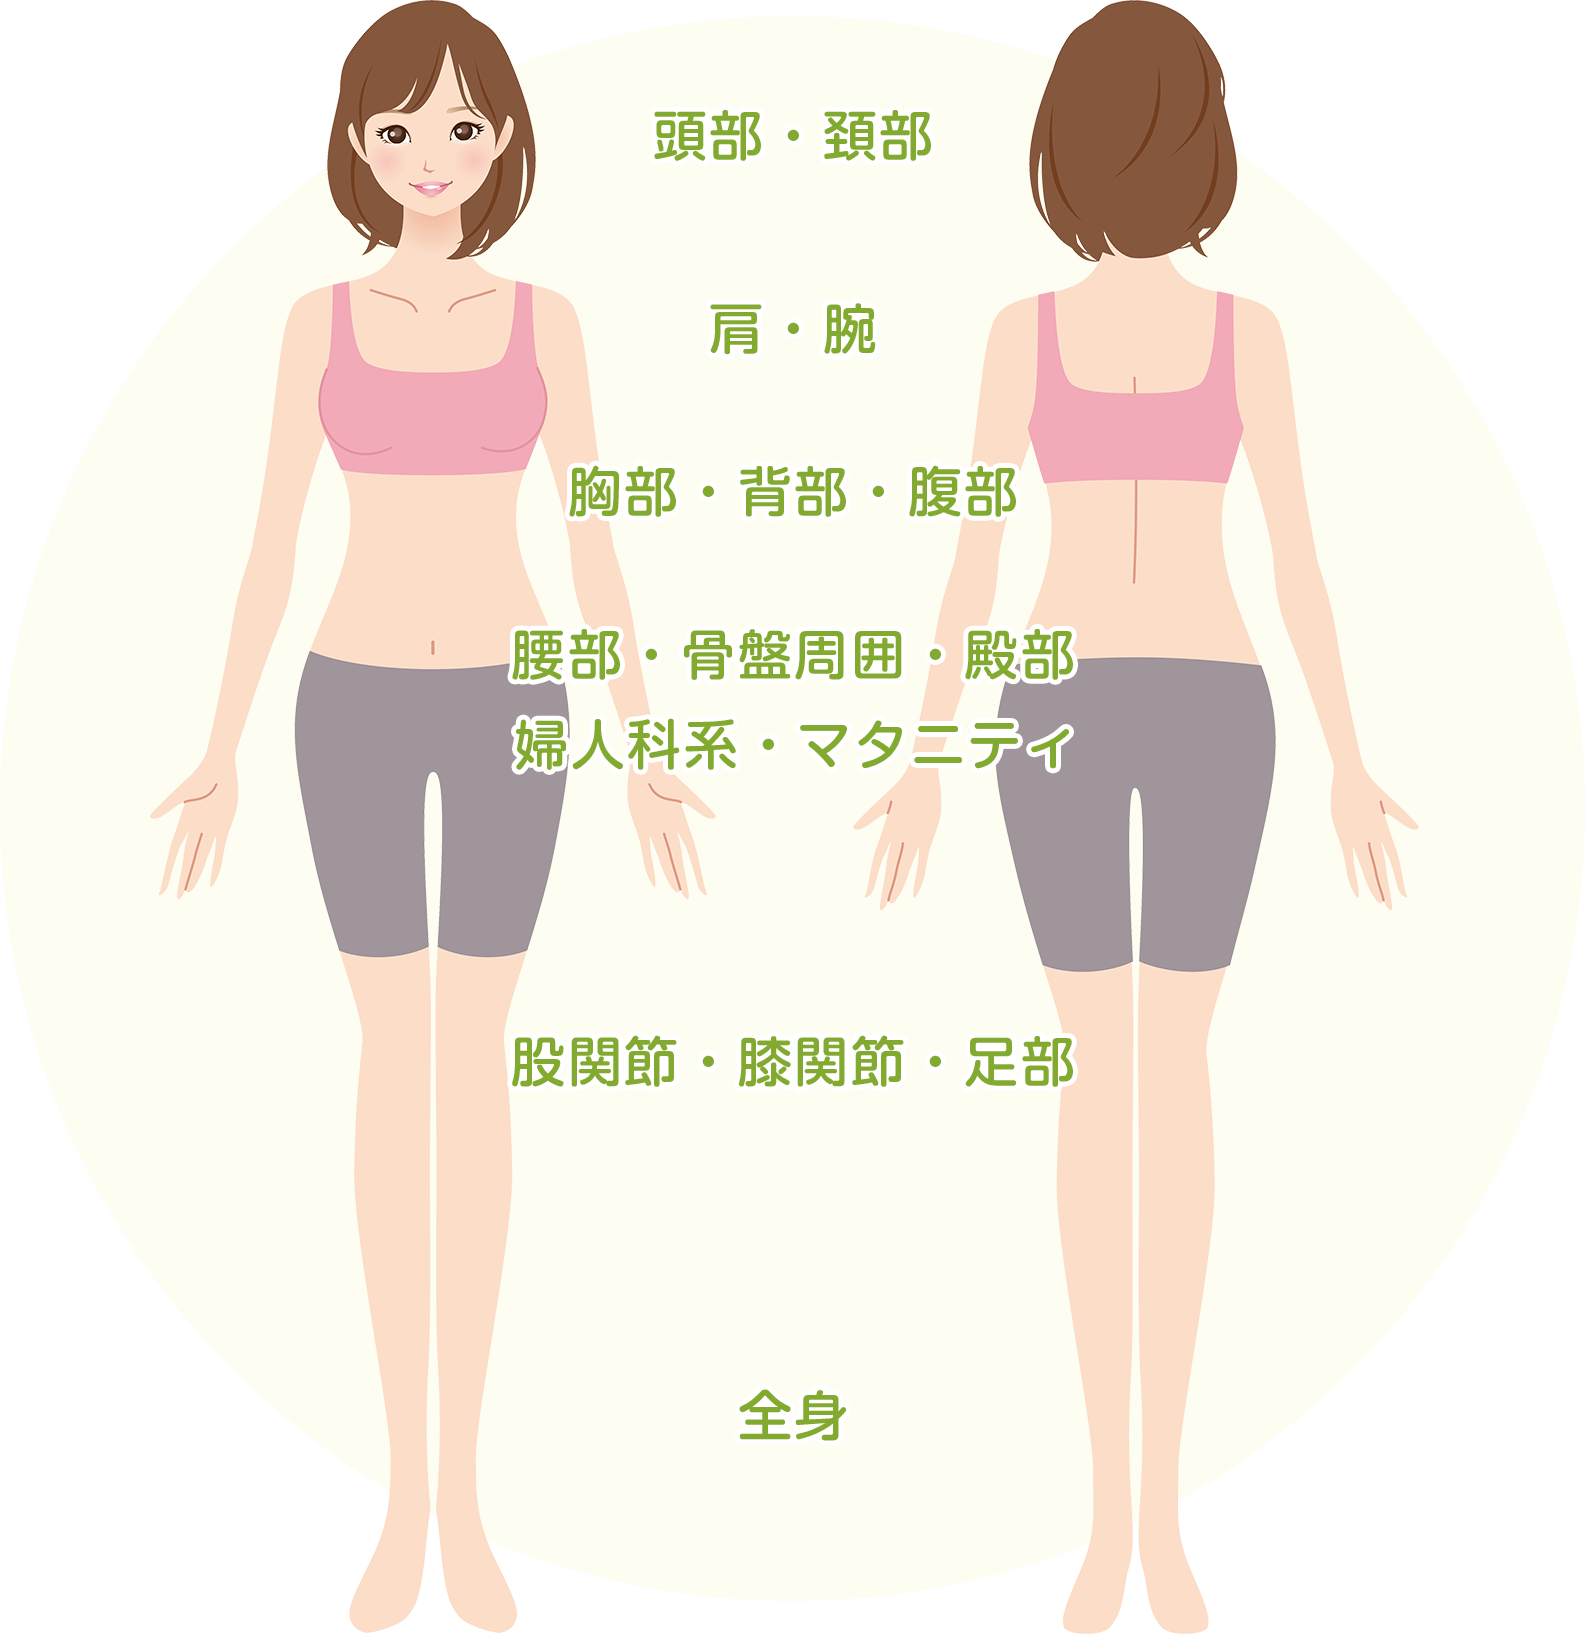 身体全体図